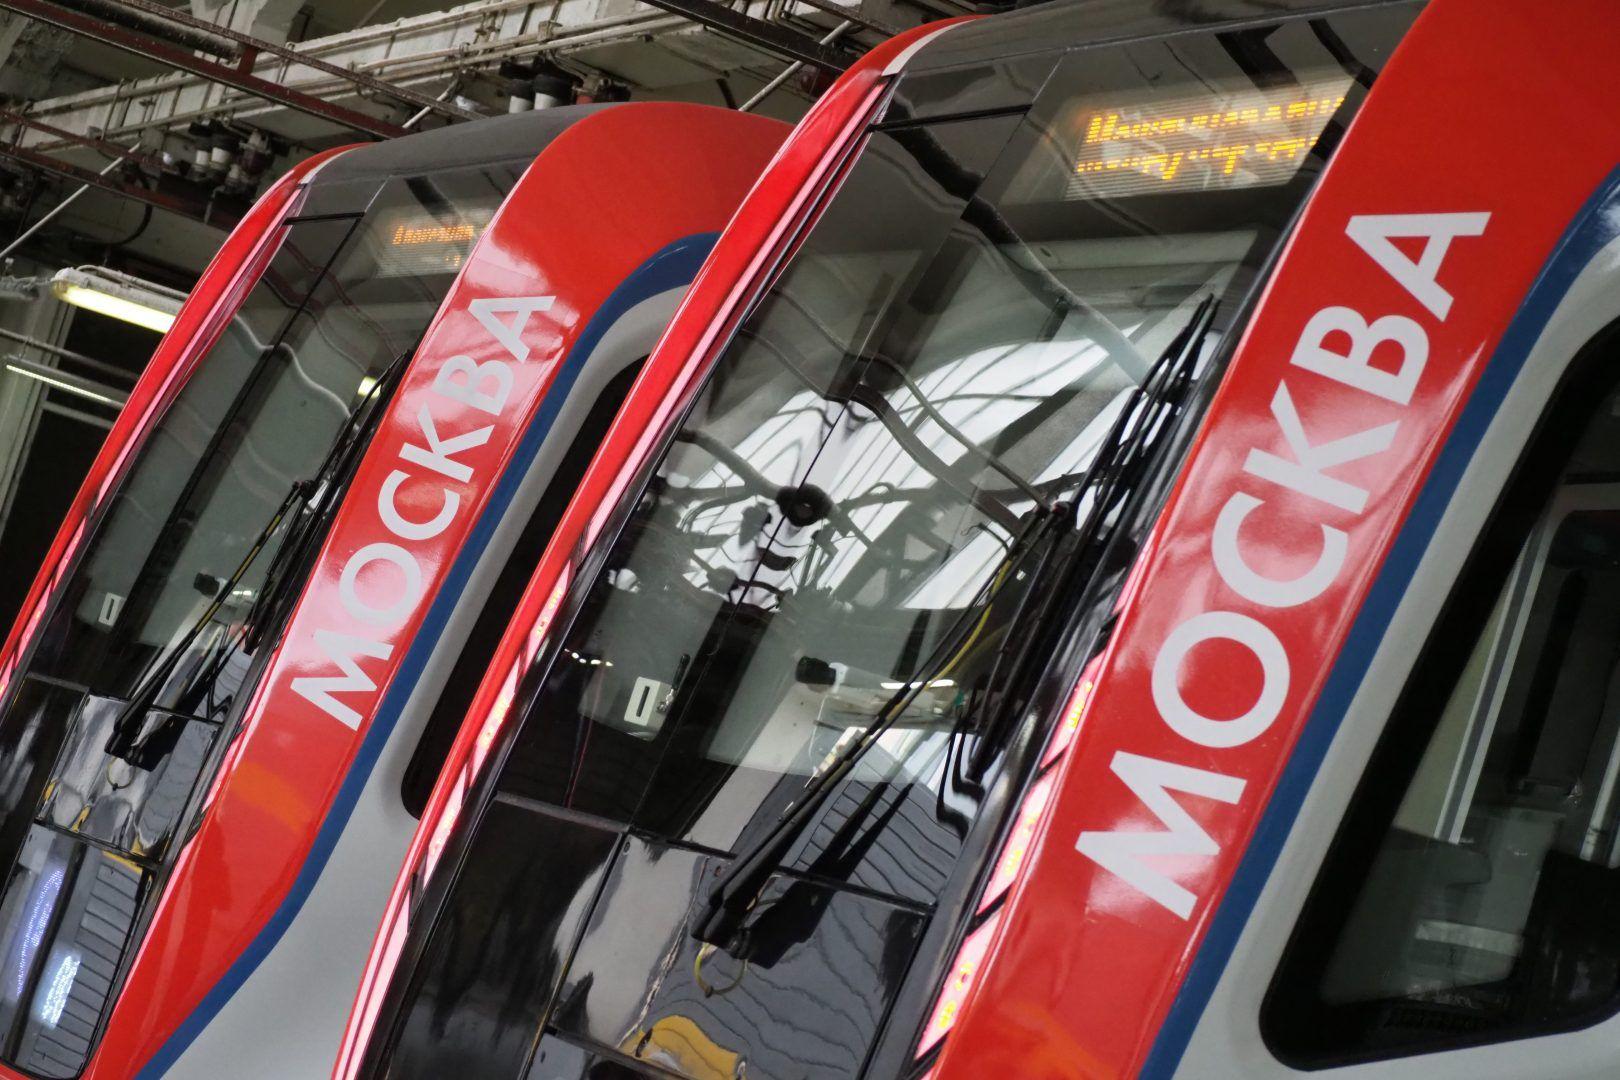 Новая версия поезда появится в метро в 2020 году. Фото: Антон Гердо